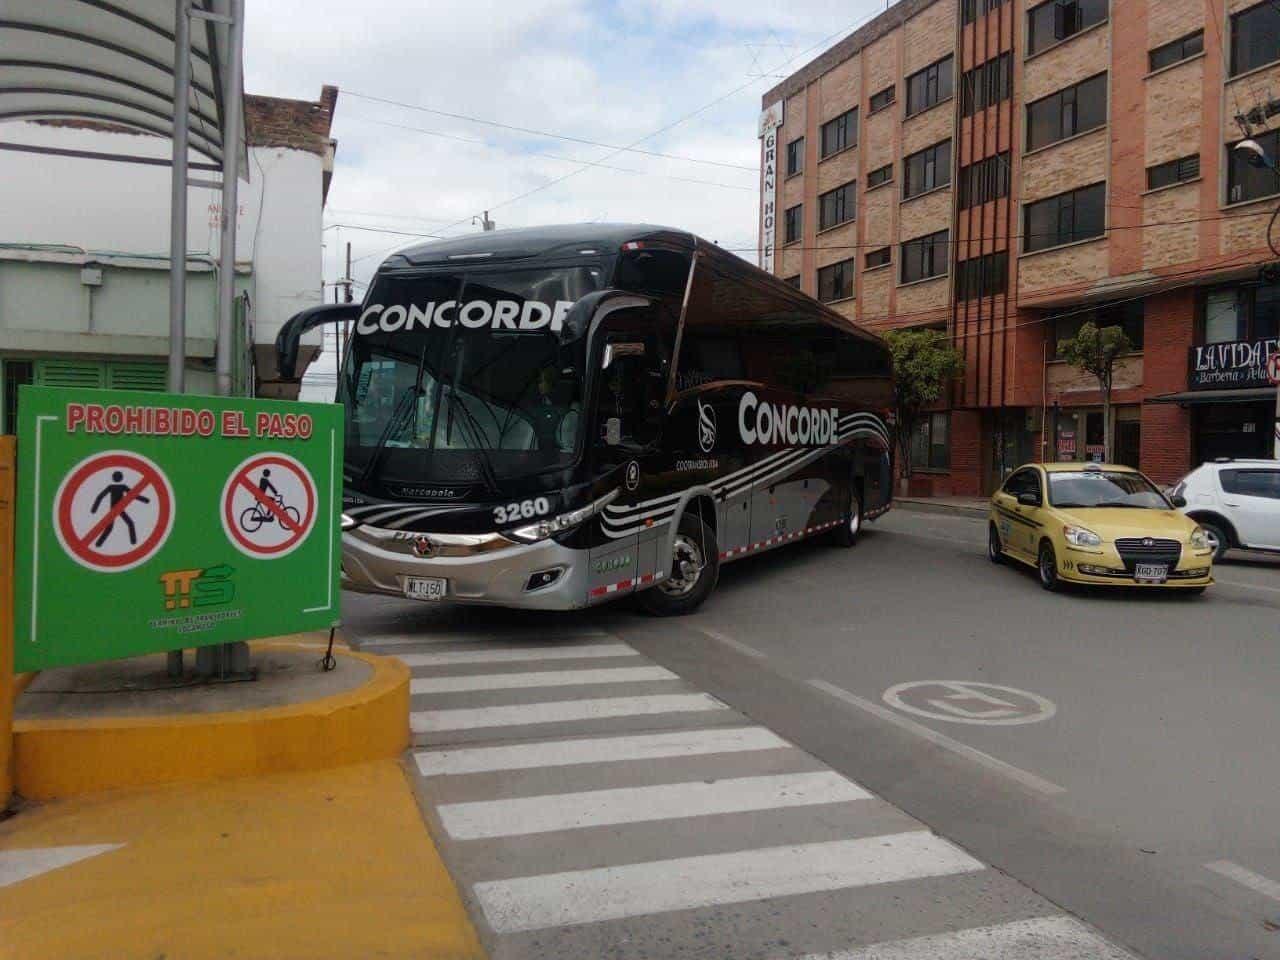 Cootransbol Líneas Concorde se trasladará a Sogamoso, donde está construyendo su sede principal 6